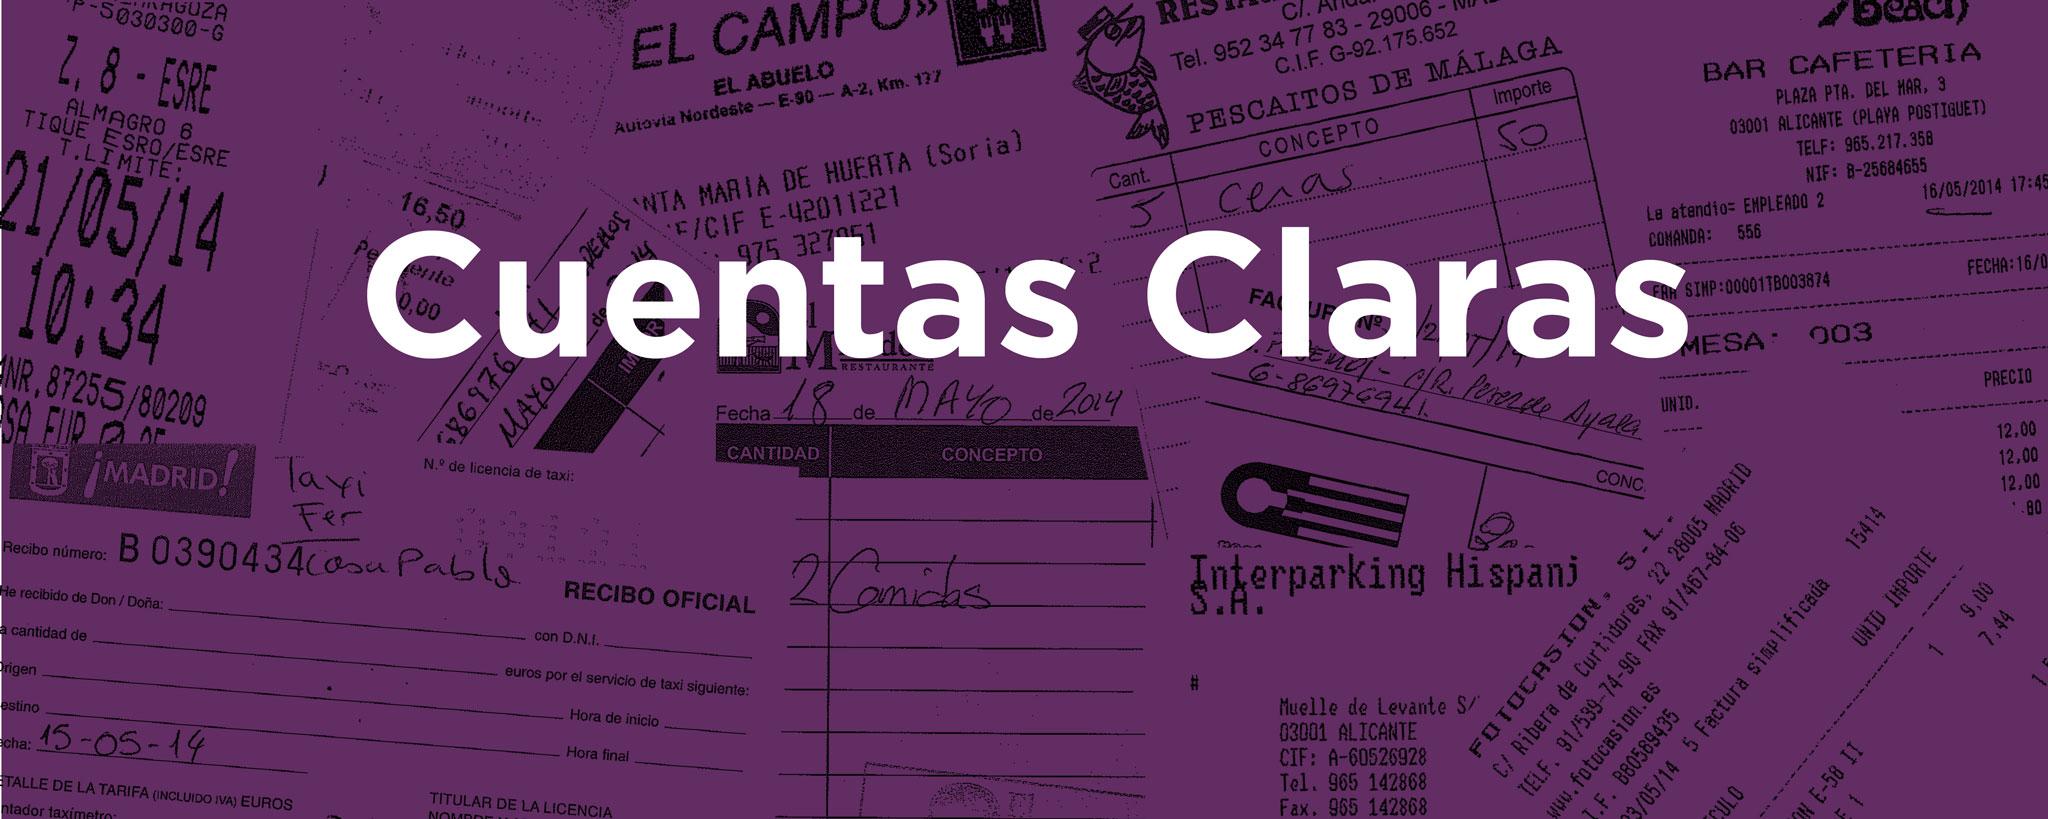 CuentasClaras